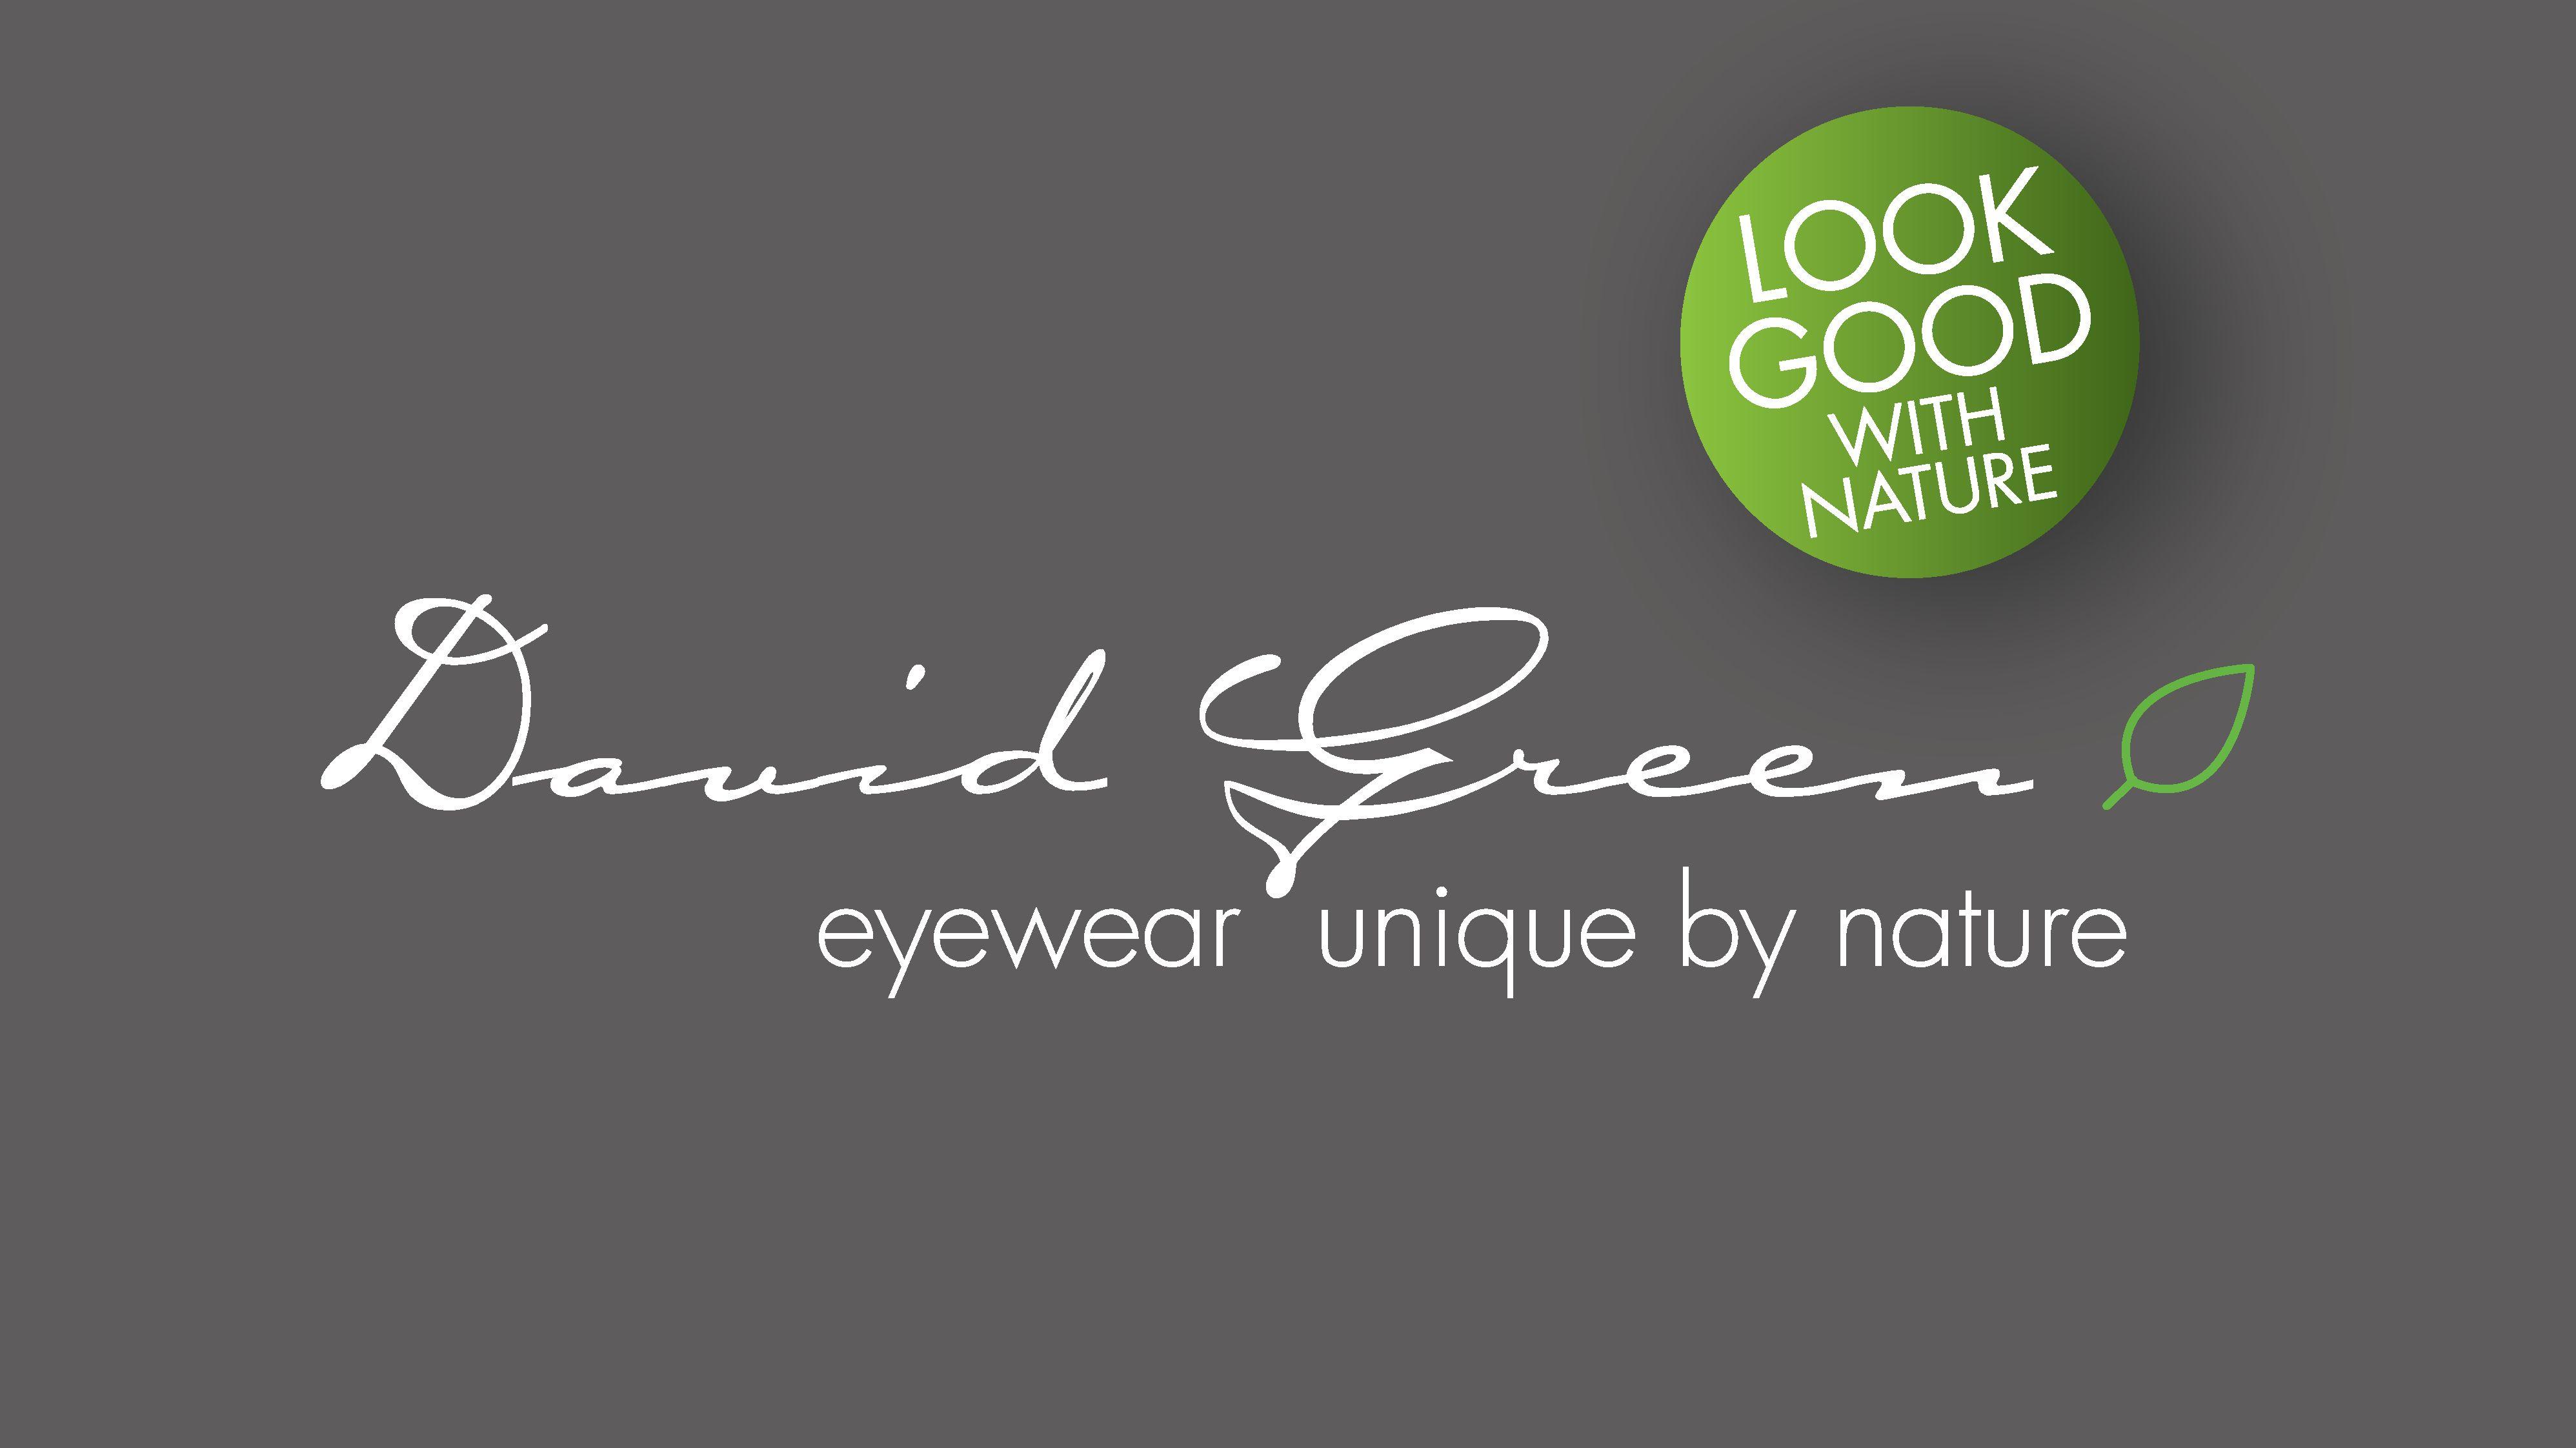 DAVID GREEN EYEWEAR